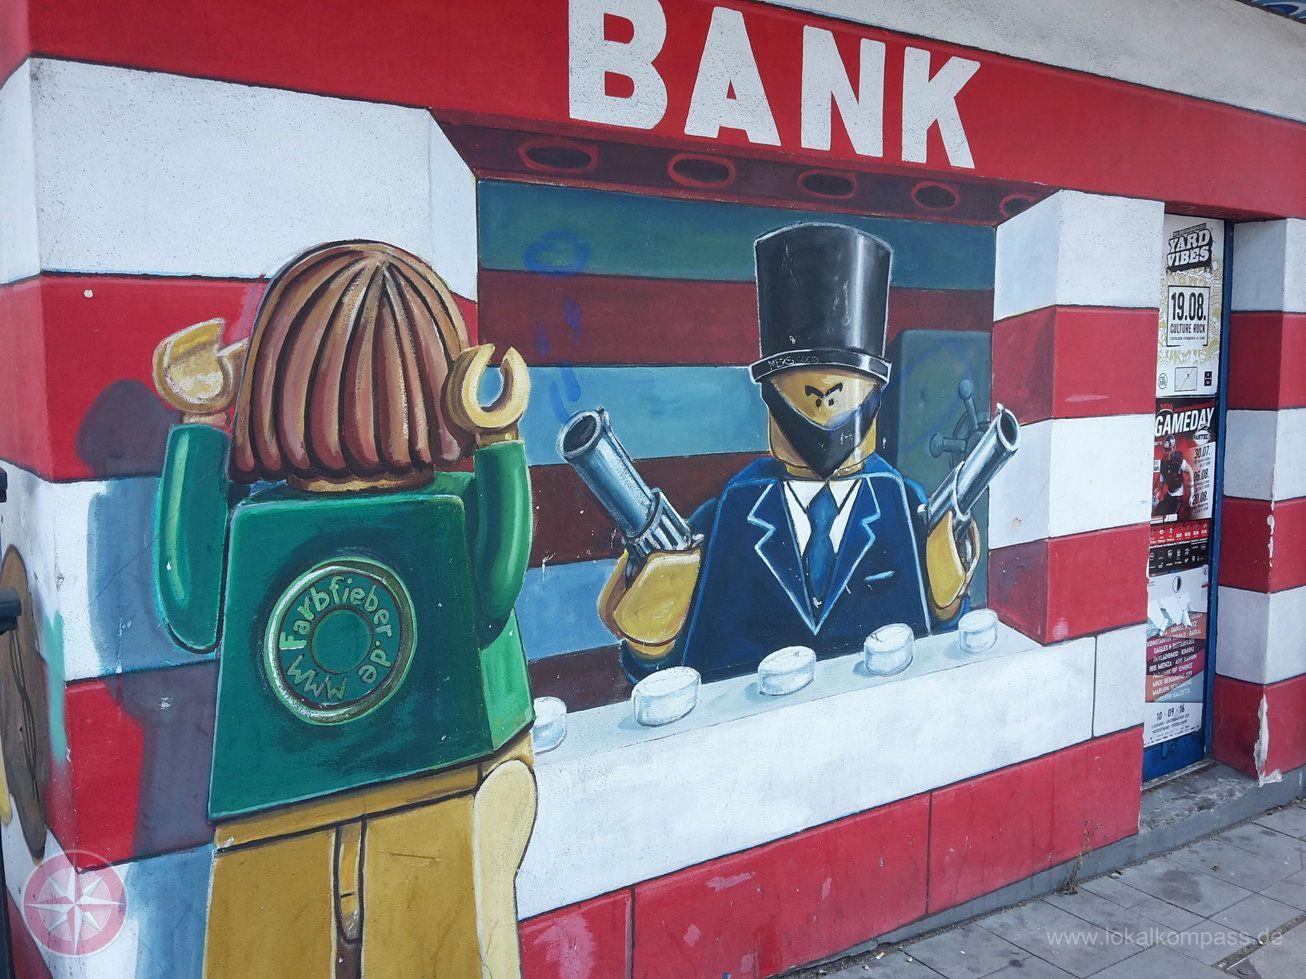 Arte Bad Bank